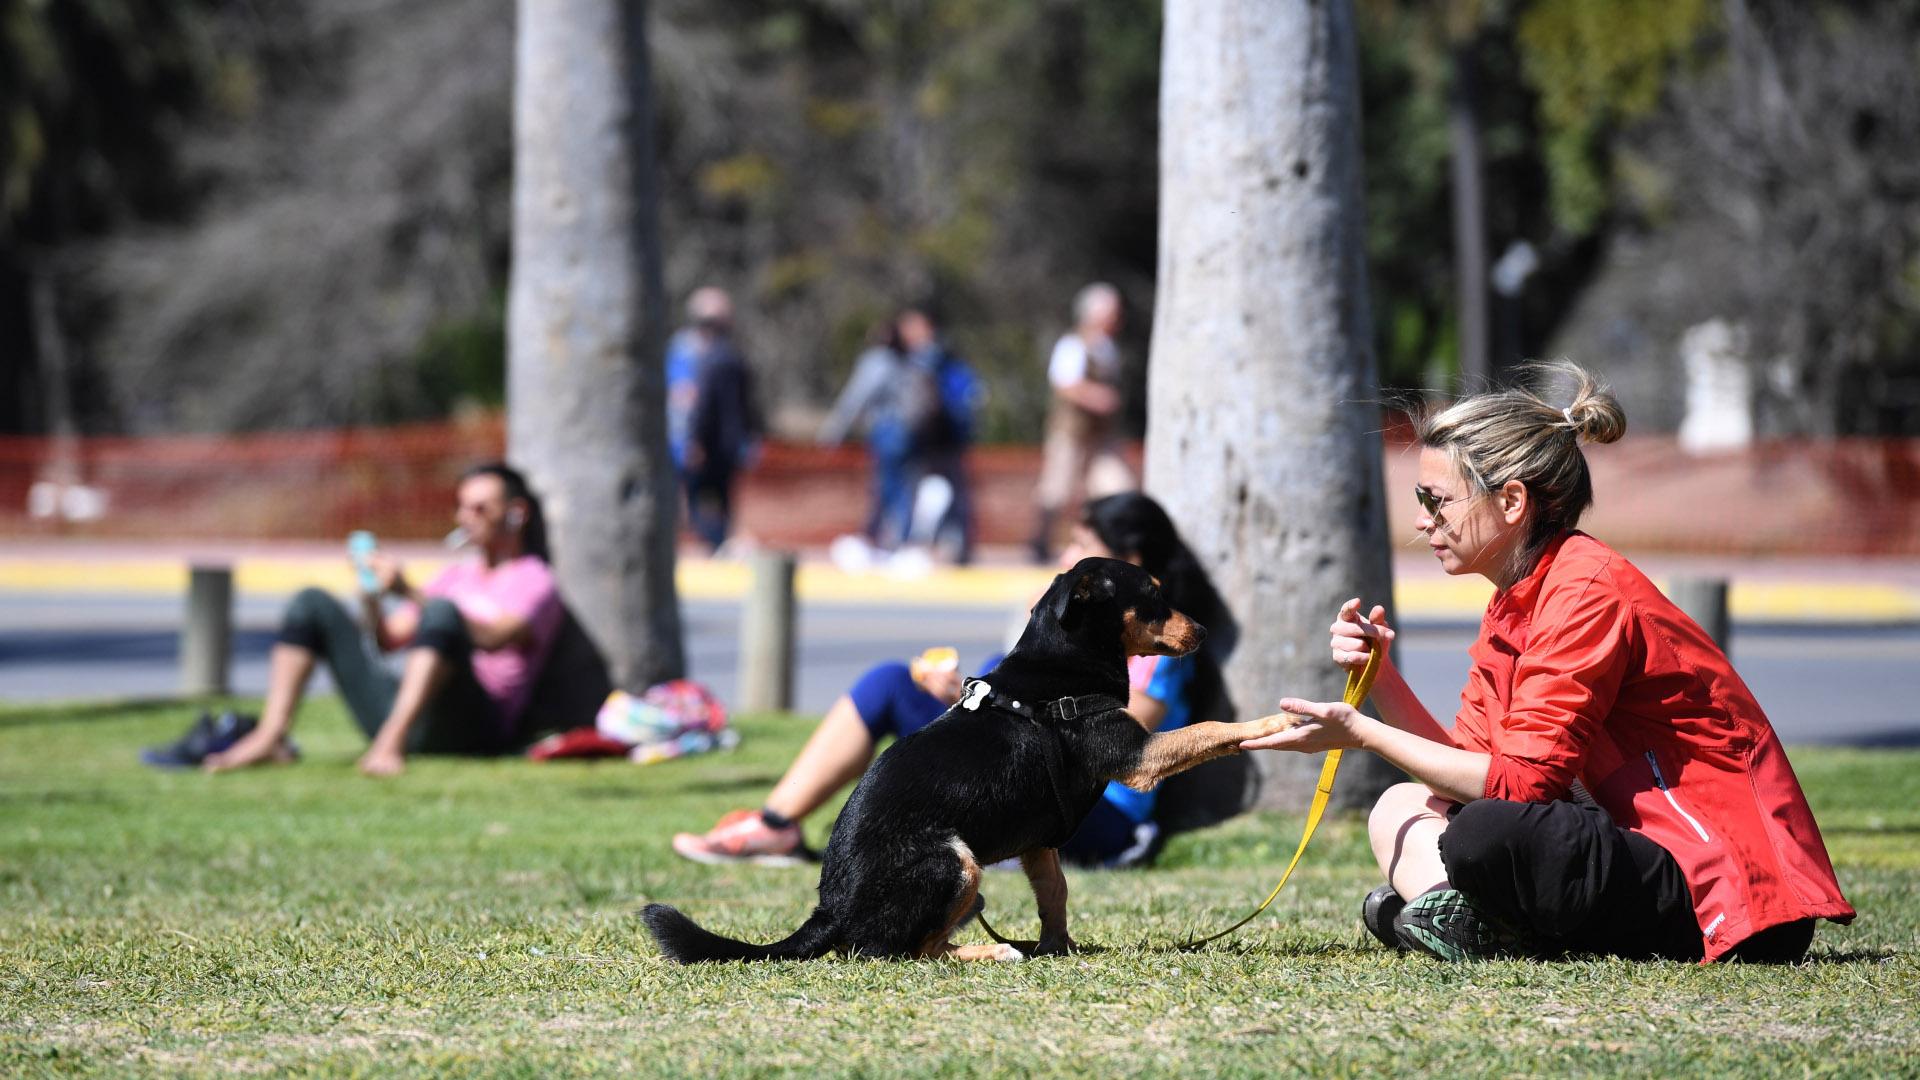 Los perros también formaron parte del festejo de la primavera para estar al aire libre y disfrutar de un día soleado